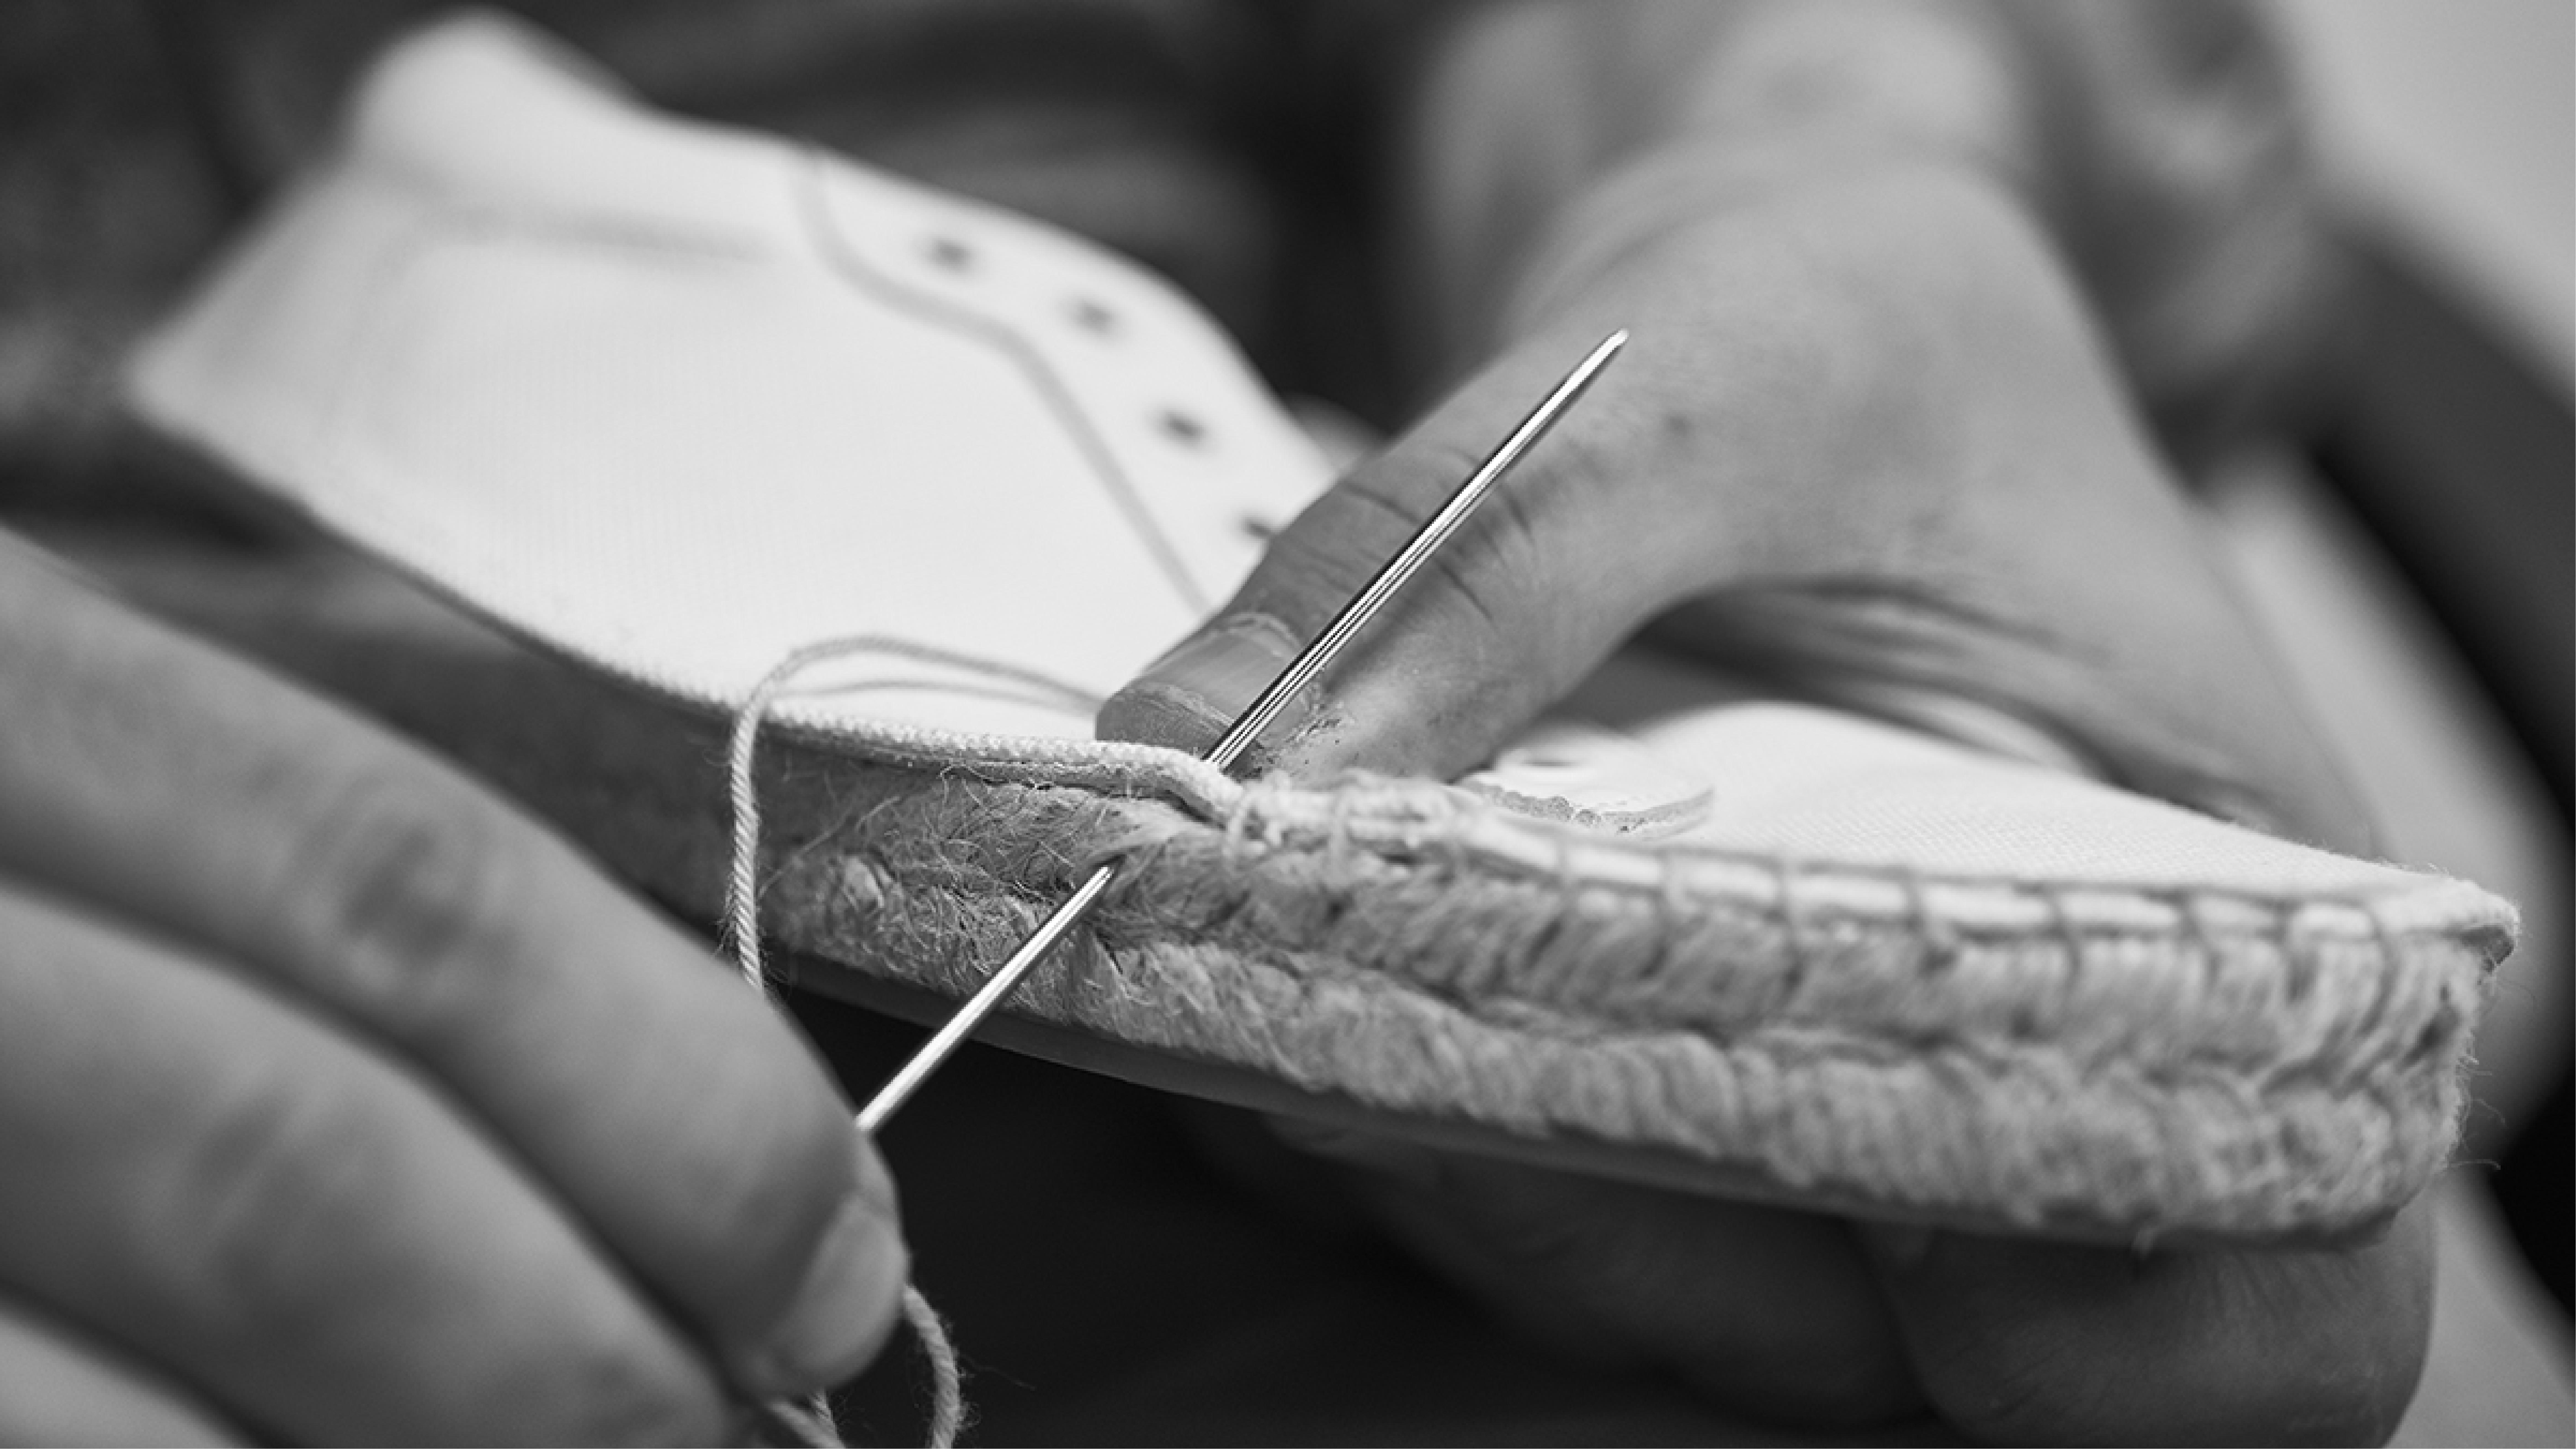 En Lake Shoes confiamos en los procesos de fabricación tradicionales, a la vez que trabajamos con técnicas vanguardistas para conseguir un calzado con acabados excepcionales.